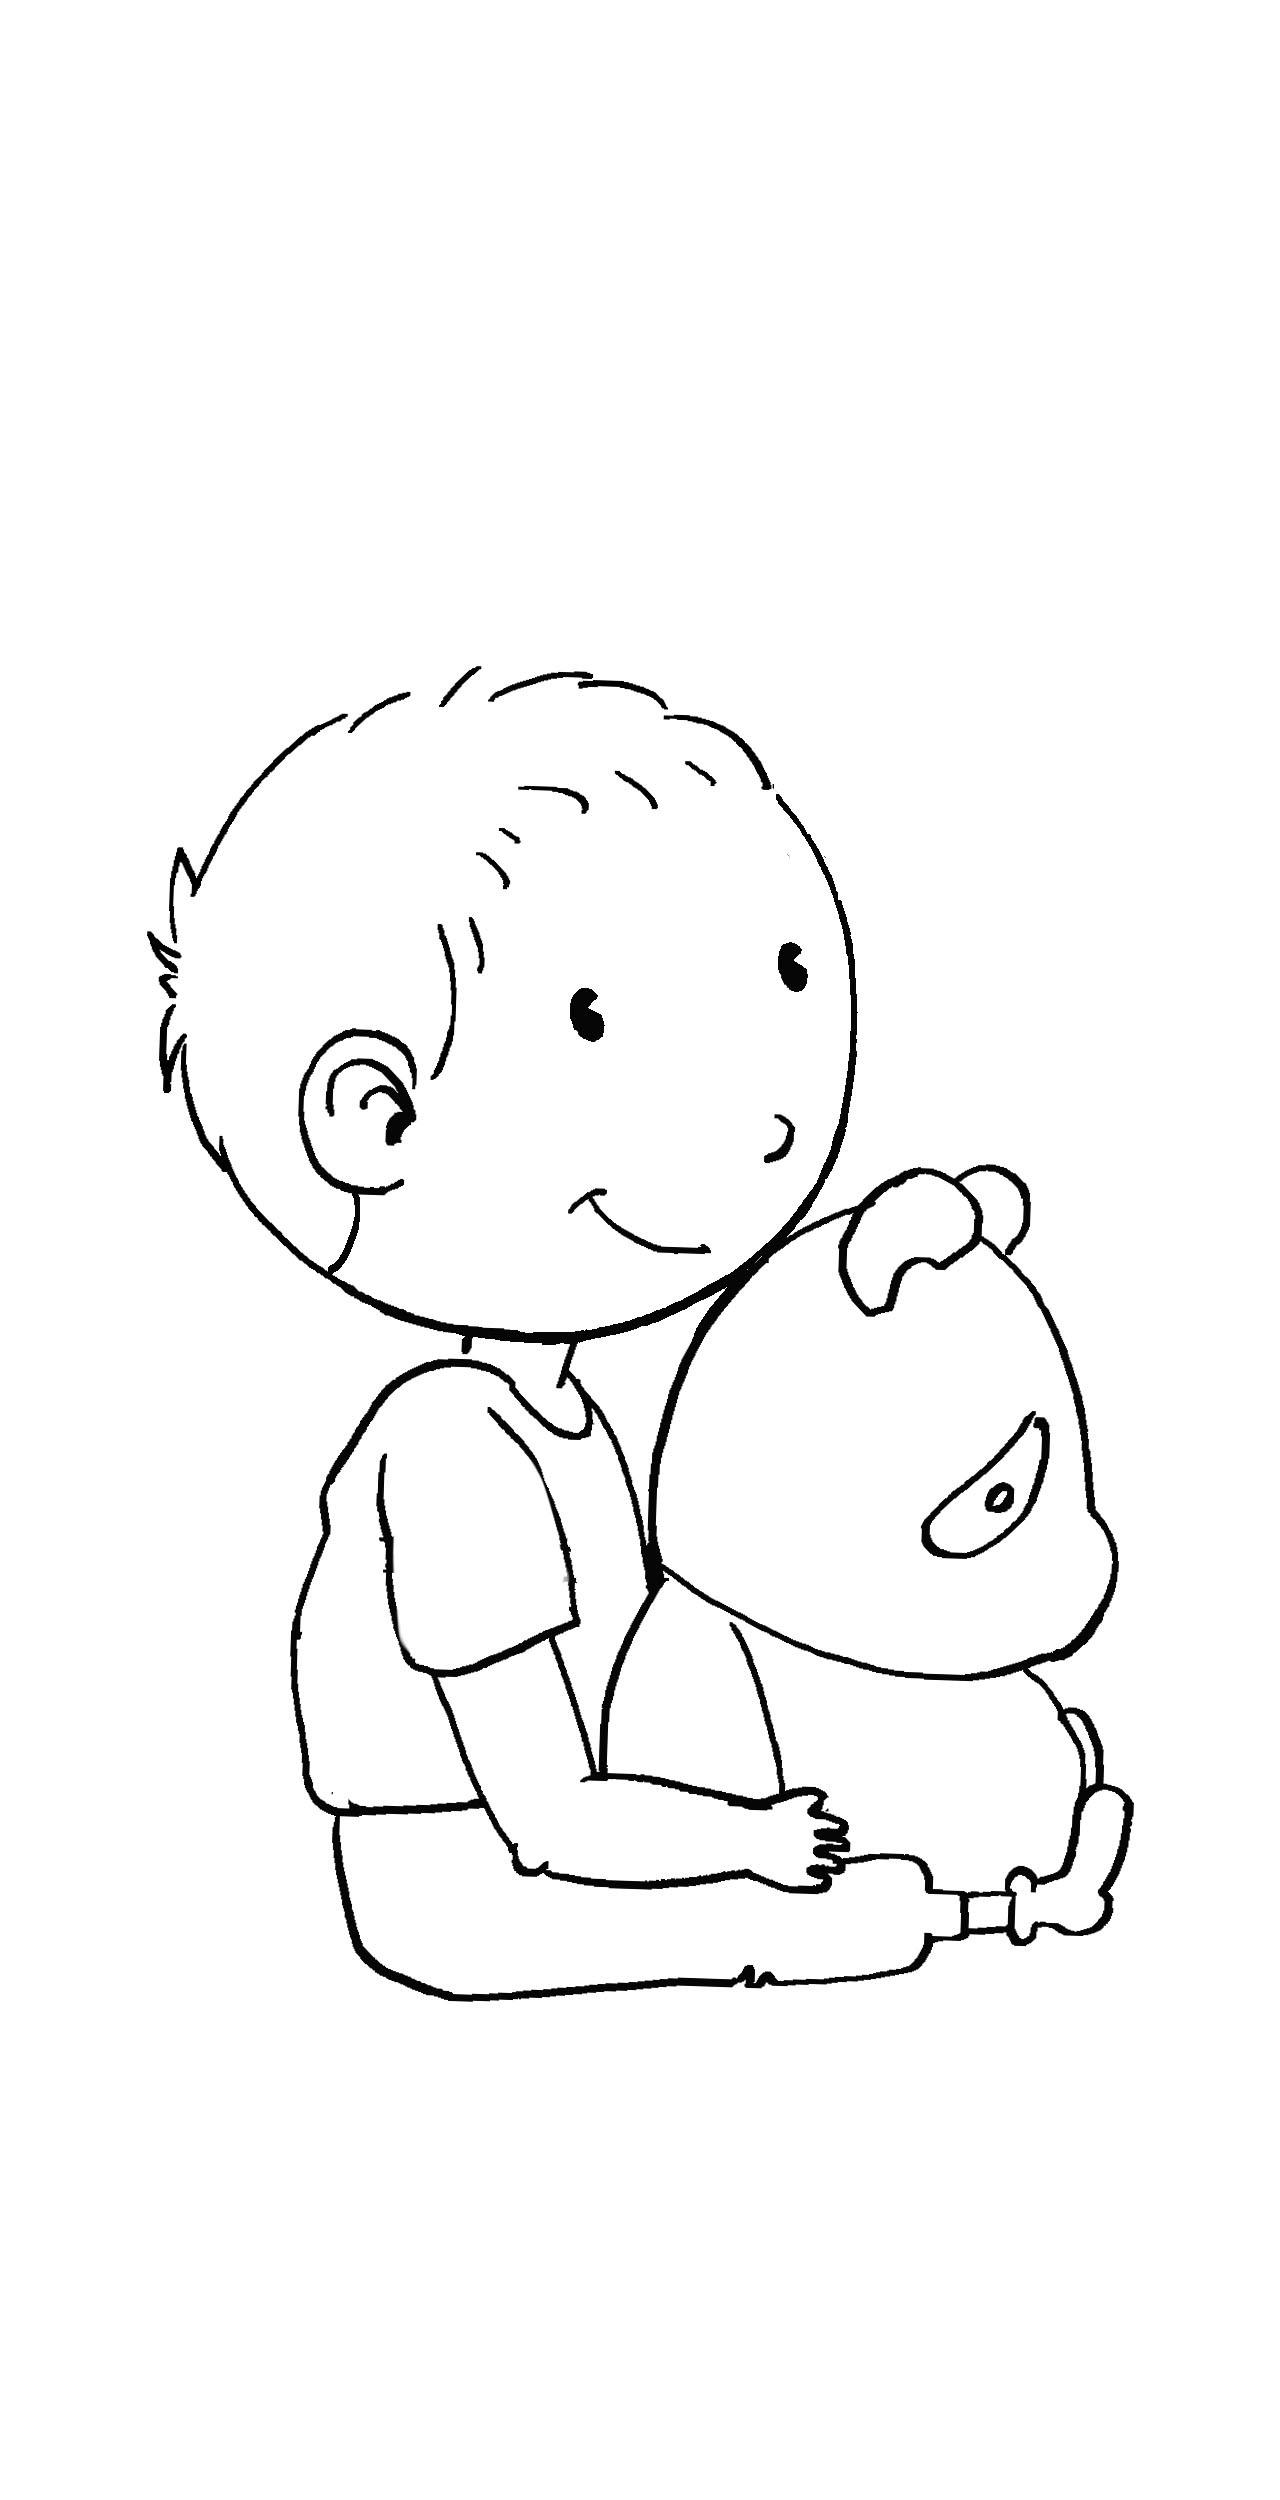 q版人物设计|插画|儿童插画|邓静 - 原创作品 - 站酷